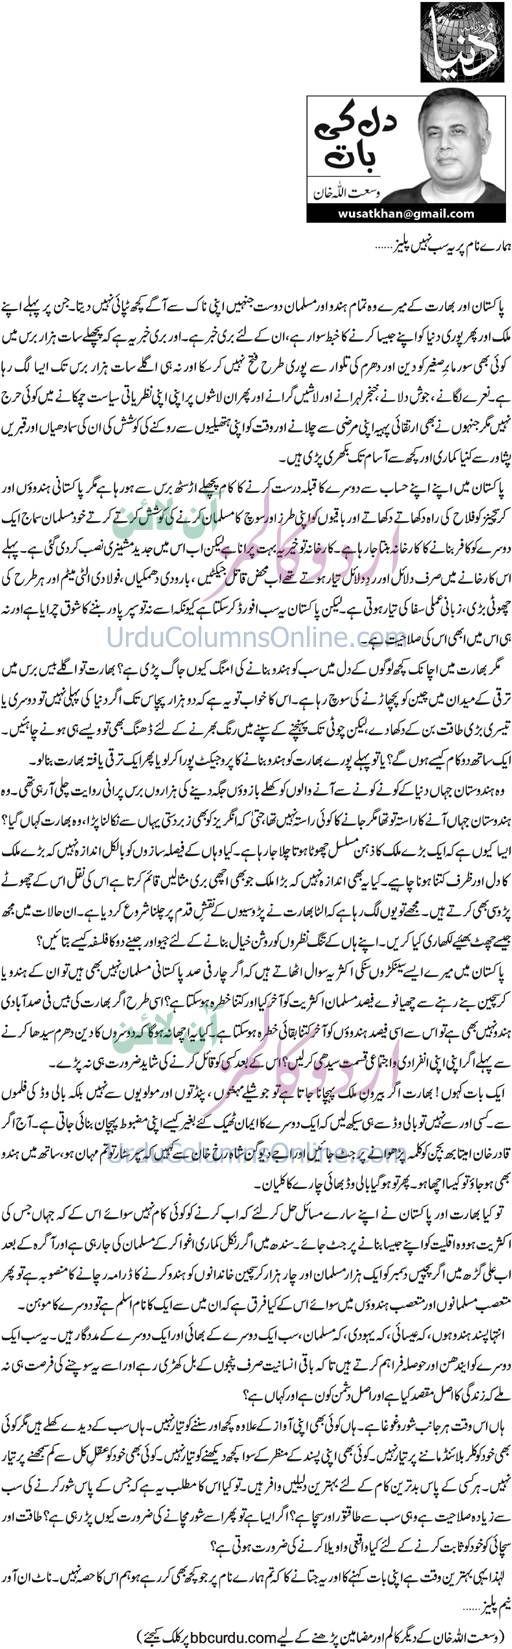 ہمارے نام پر یہ سب نہیں پلیز وسعت اللہ خان Dunya news